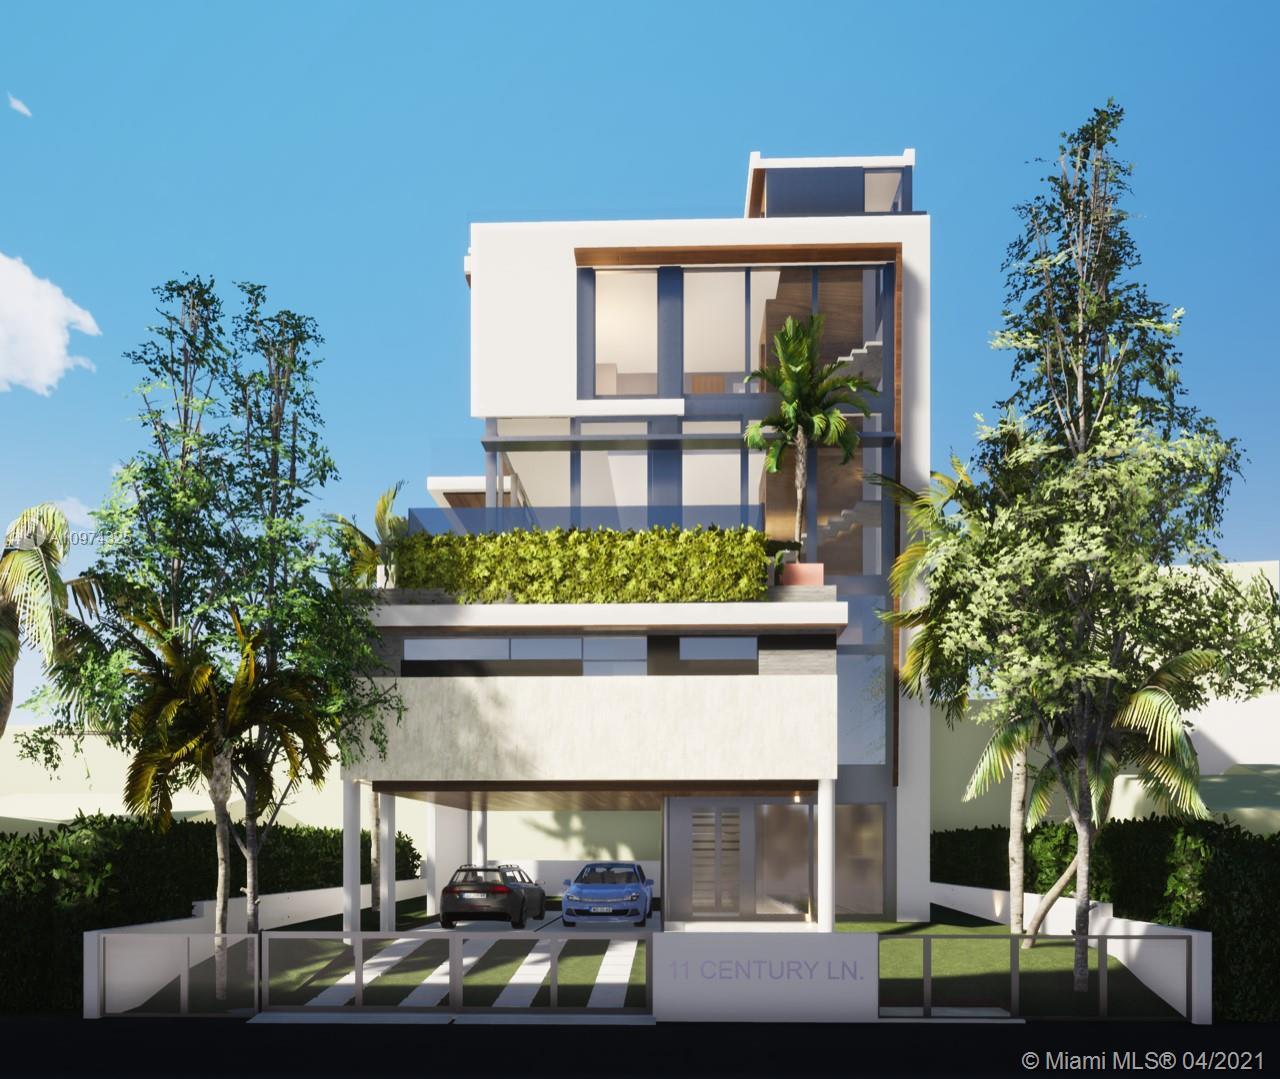 Venetian Islands - 11 Century Ln, Miami Beach, FL 33139